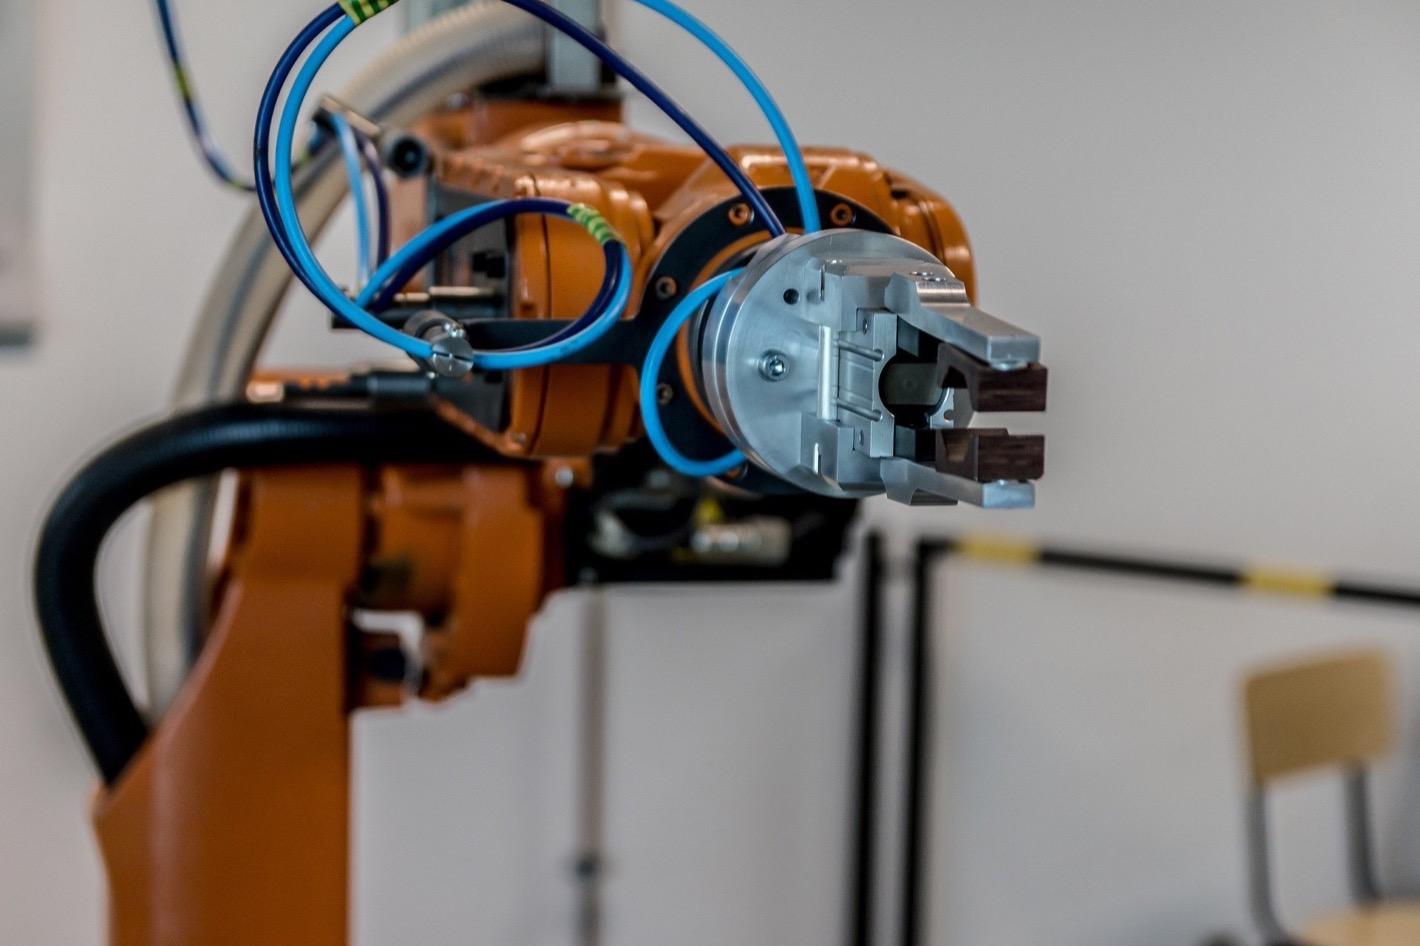 sztuczna-inteligencja-robot